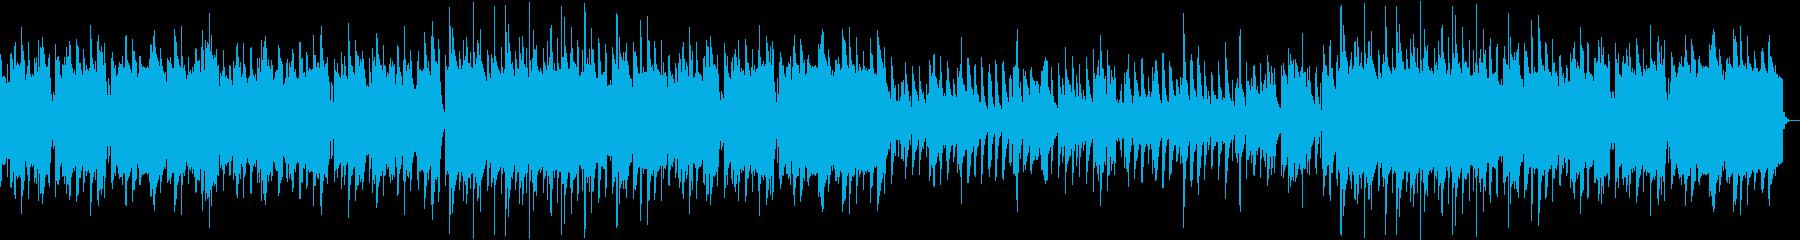 ほのぼのしたオーボエのバラードの再生済みの波形